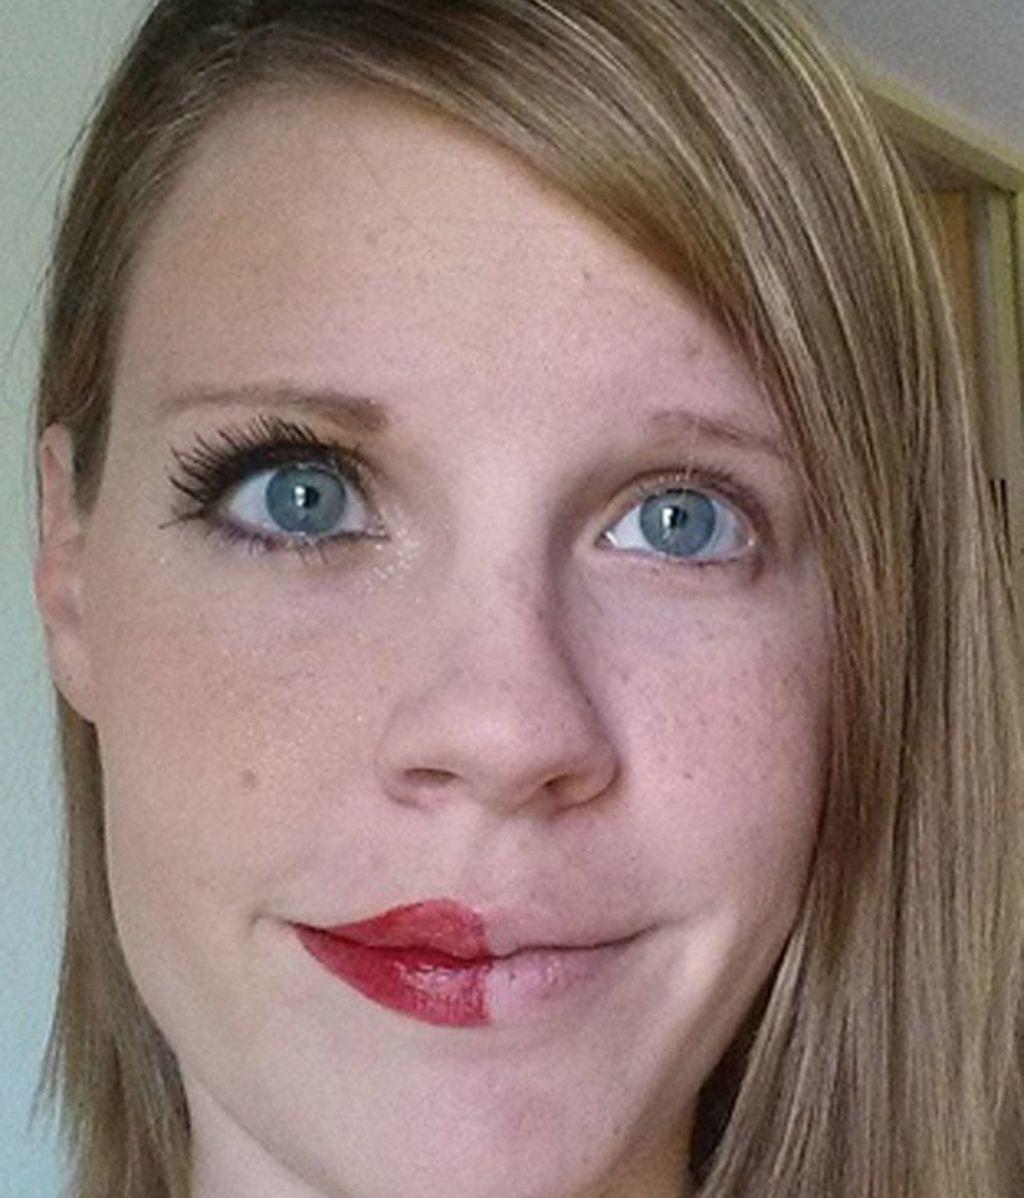 El poder del maquillaje revoluciona Instagram